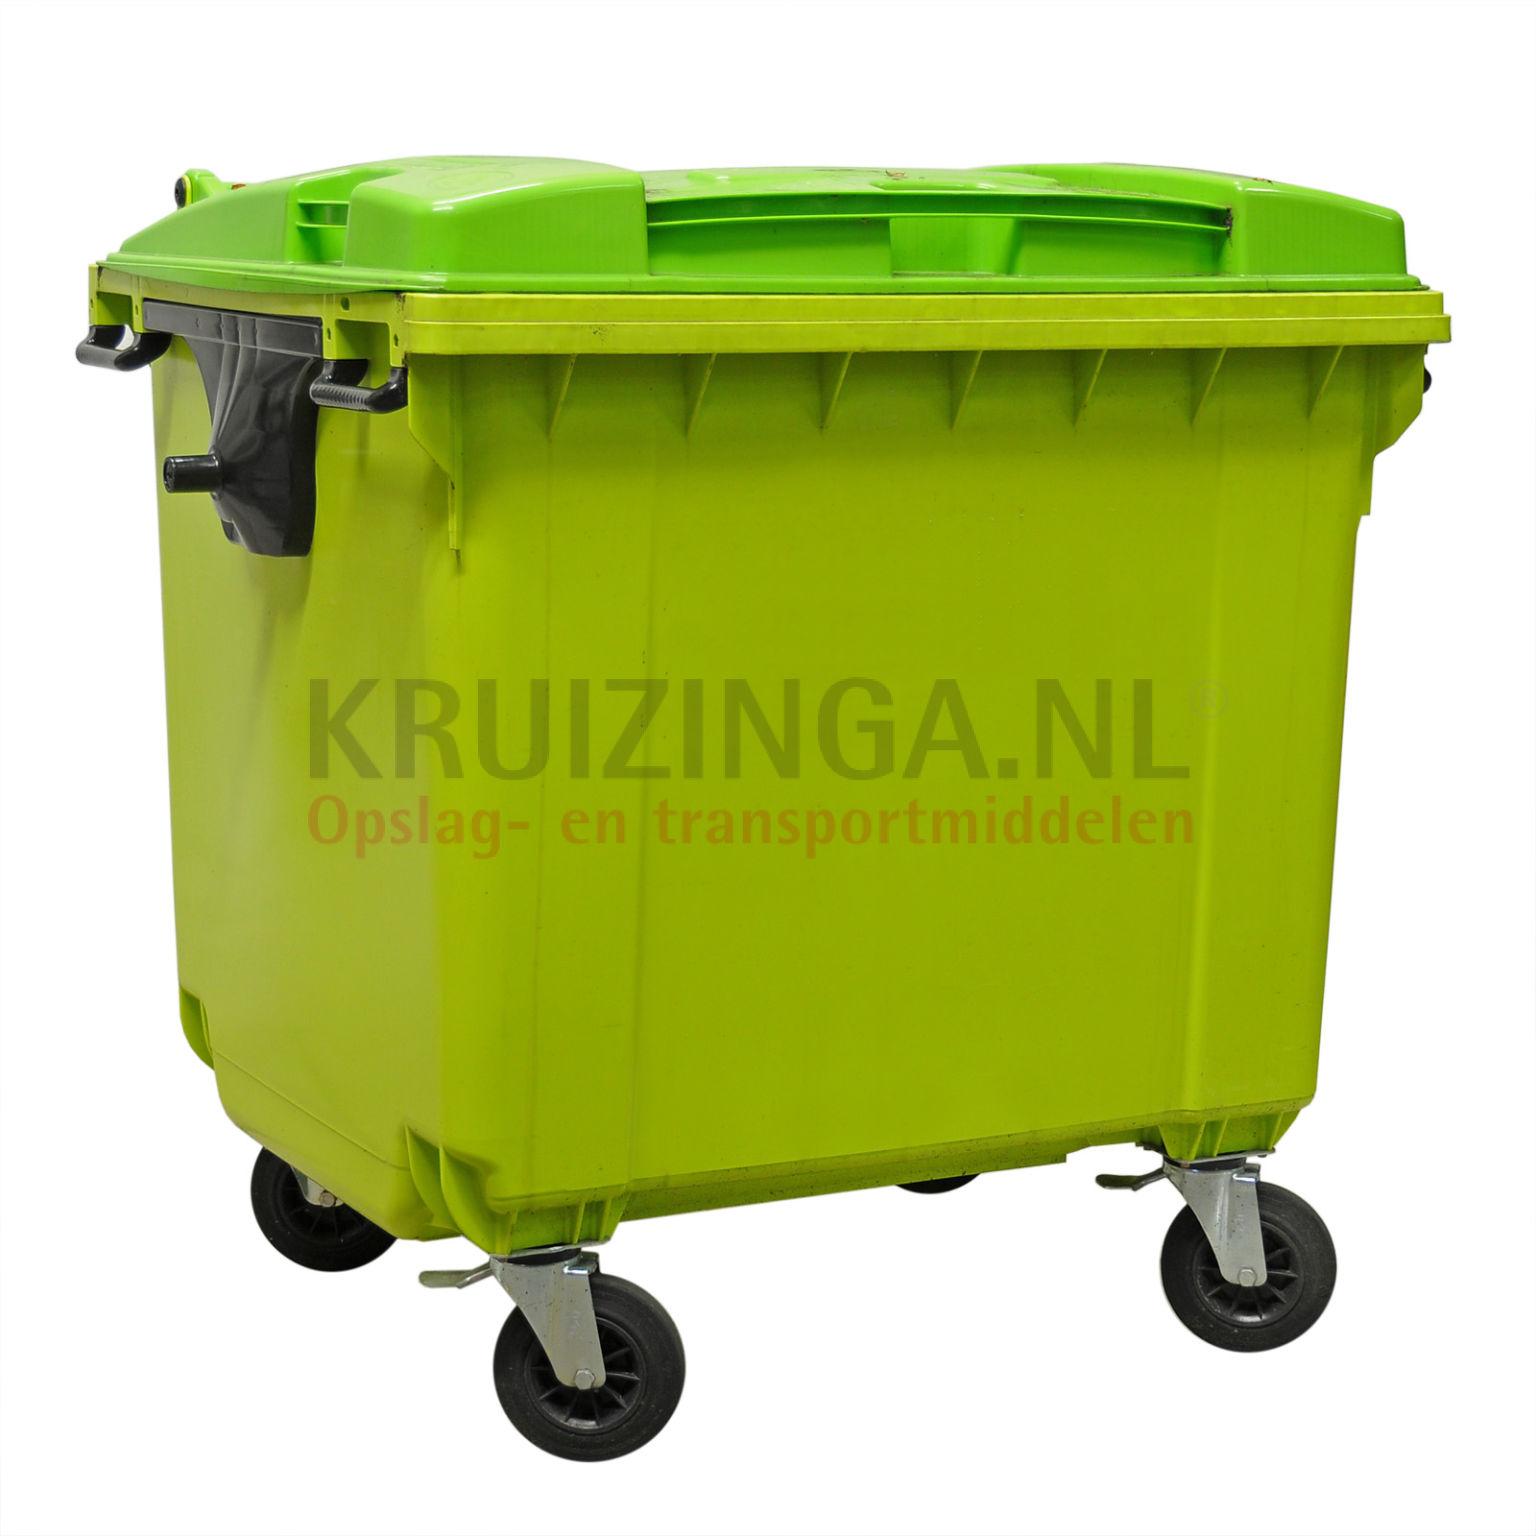 conteneur poubelle d chets et hygi ne avec couvercle articul convient pour prise din. Black Bedroom Furniture Sets. Home Design Ideas